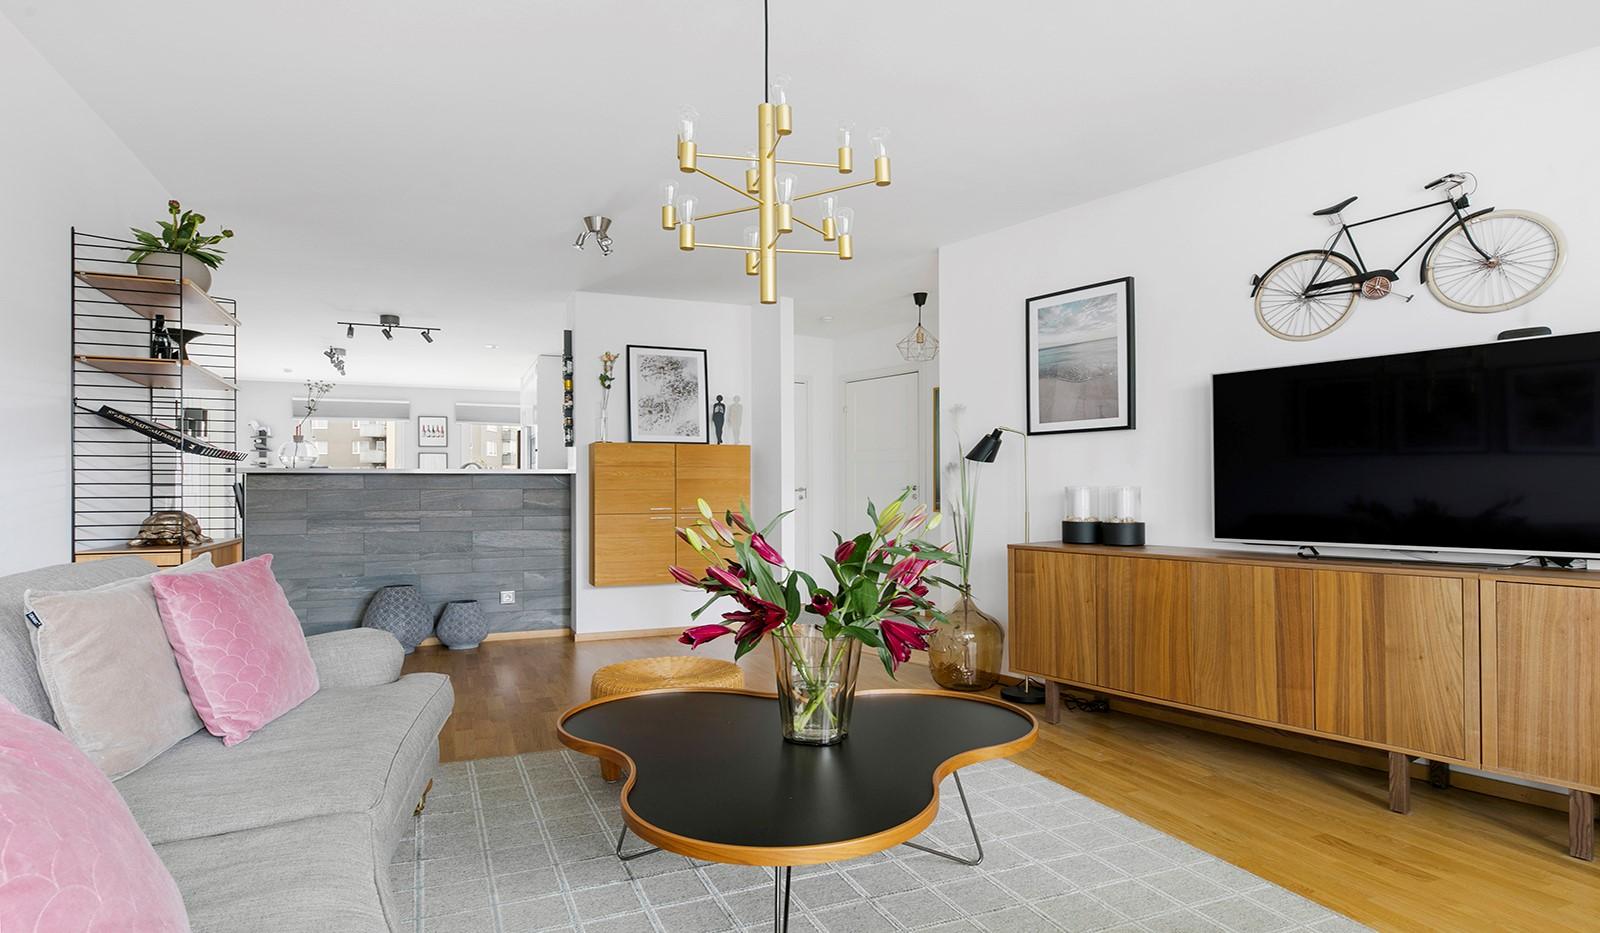 Sjöviksbacken 55, 4 tr - Kök och vardagsrum är precis lagom avdelade